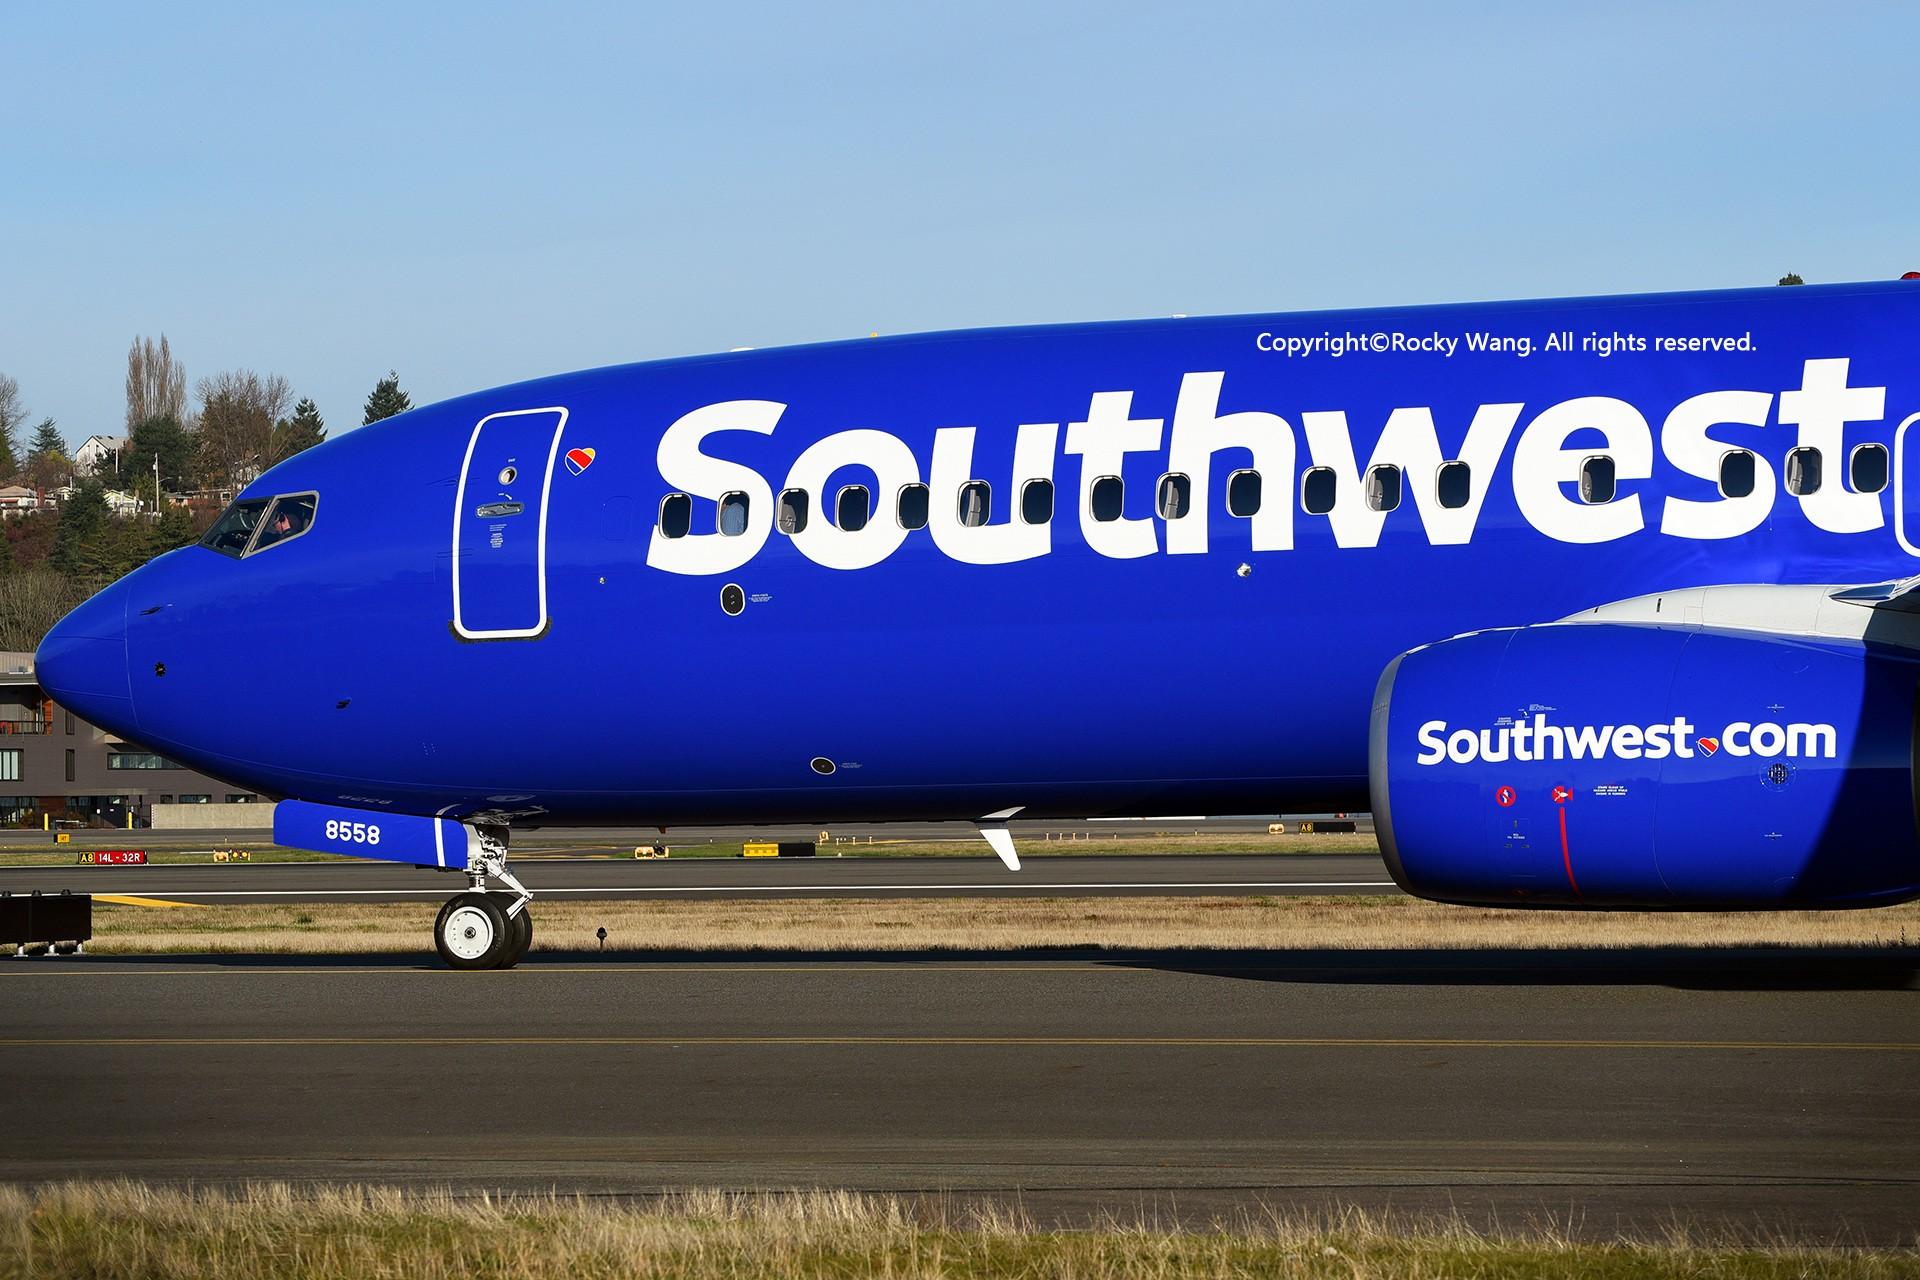 Re:[原创]Seattle 30图 BOEING 737-8H4 N8558Z Seattle Boeing Field/King County